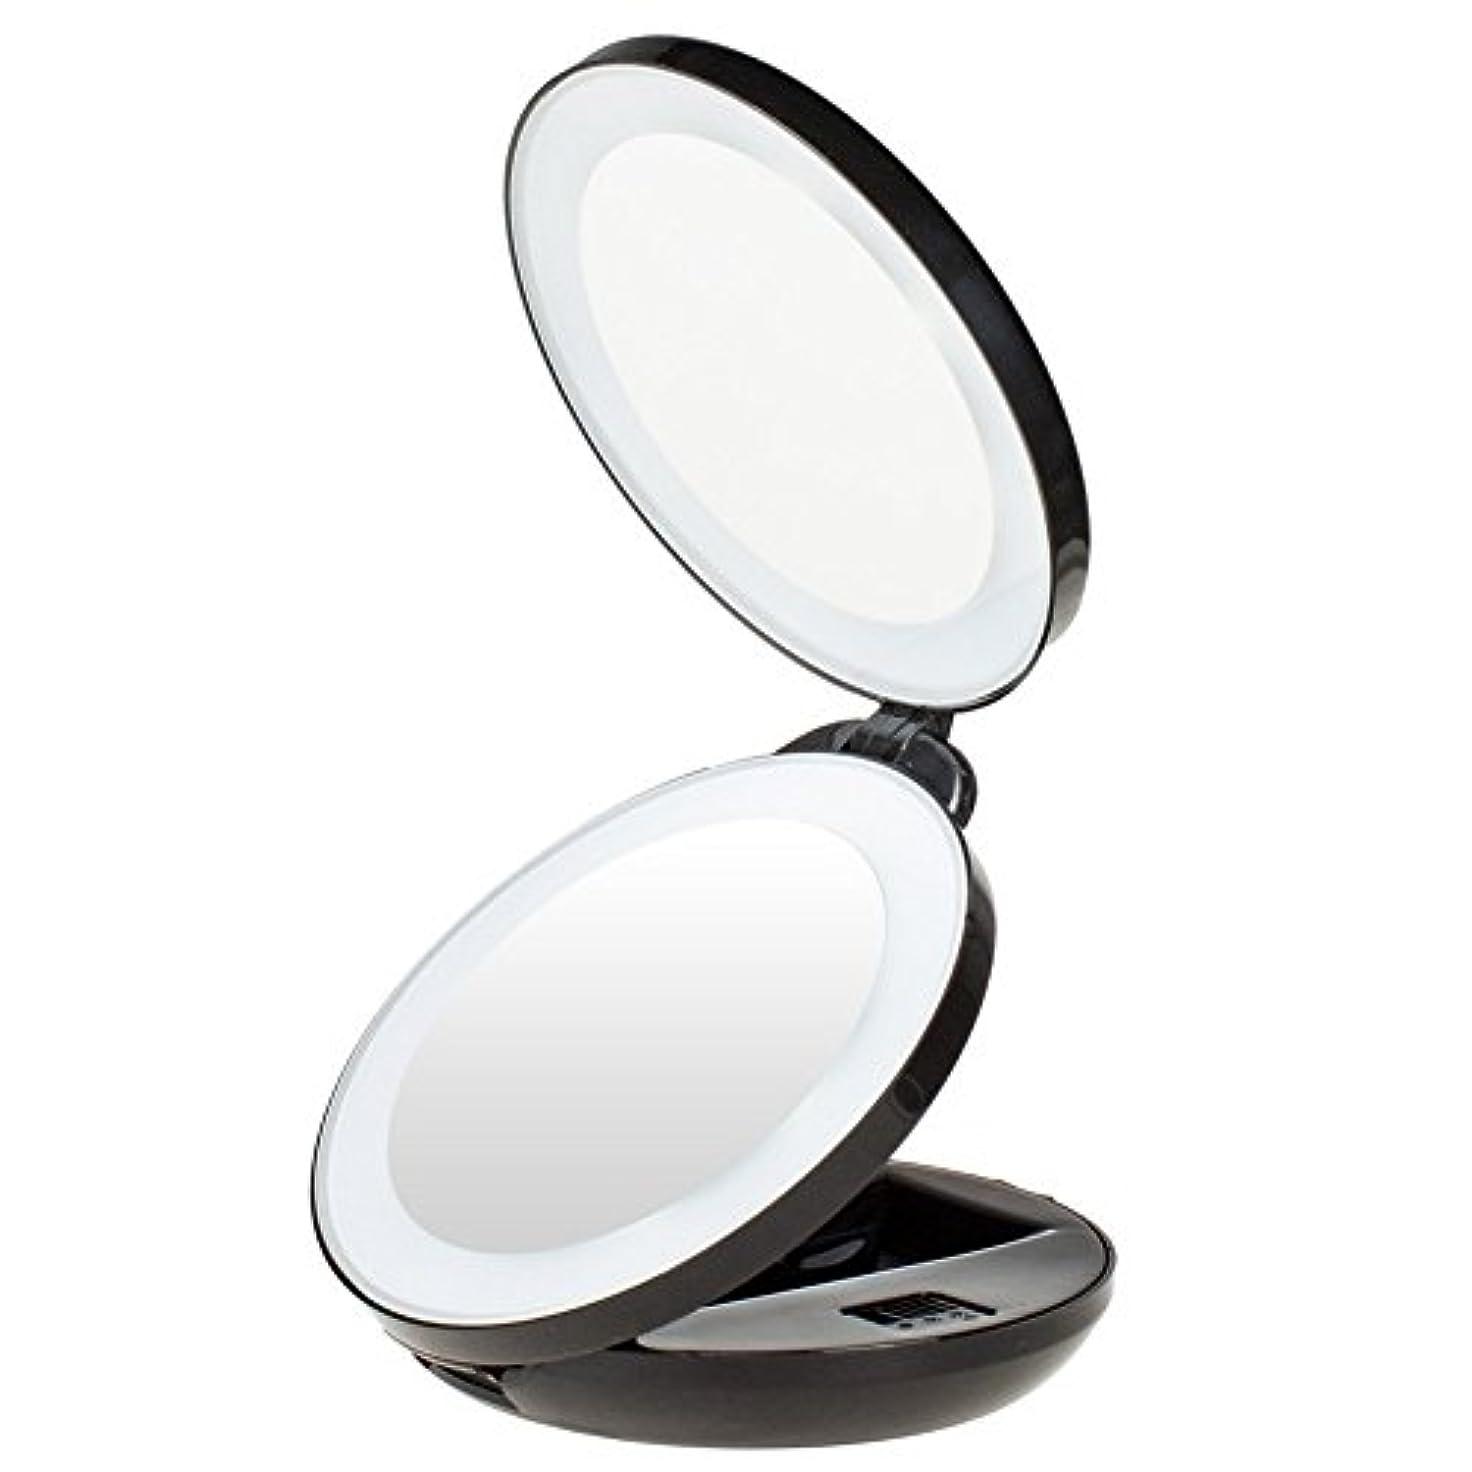 イヤホン原稿貫入KEDSUM 両面化粧鏡 コンパクトミラー 手鏡 LED化粧鏡 等倍鏡+10倍拡大鏡 LEDミラー 角度調整 折り畳み 丸型 おしゃれ ハンド 携帯ミラー 旅行ミラー 女優ミラー